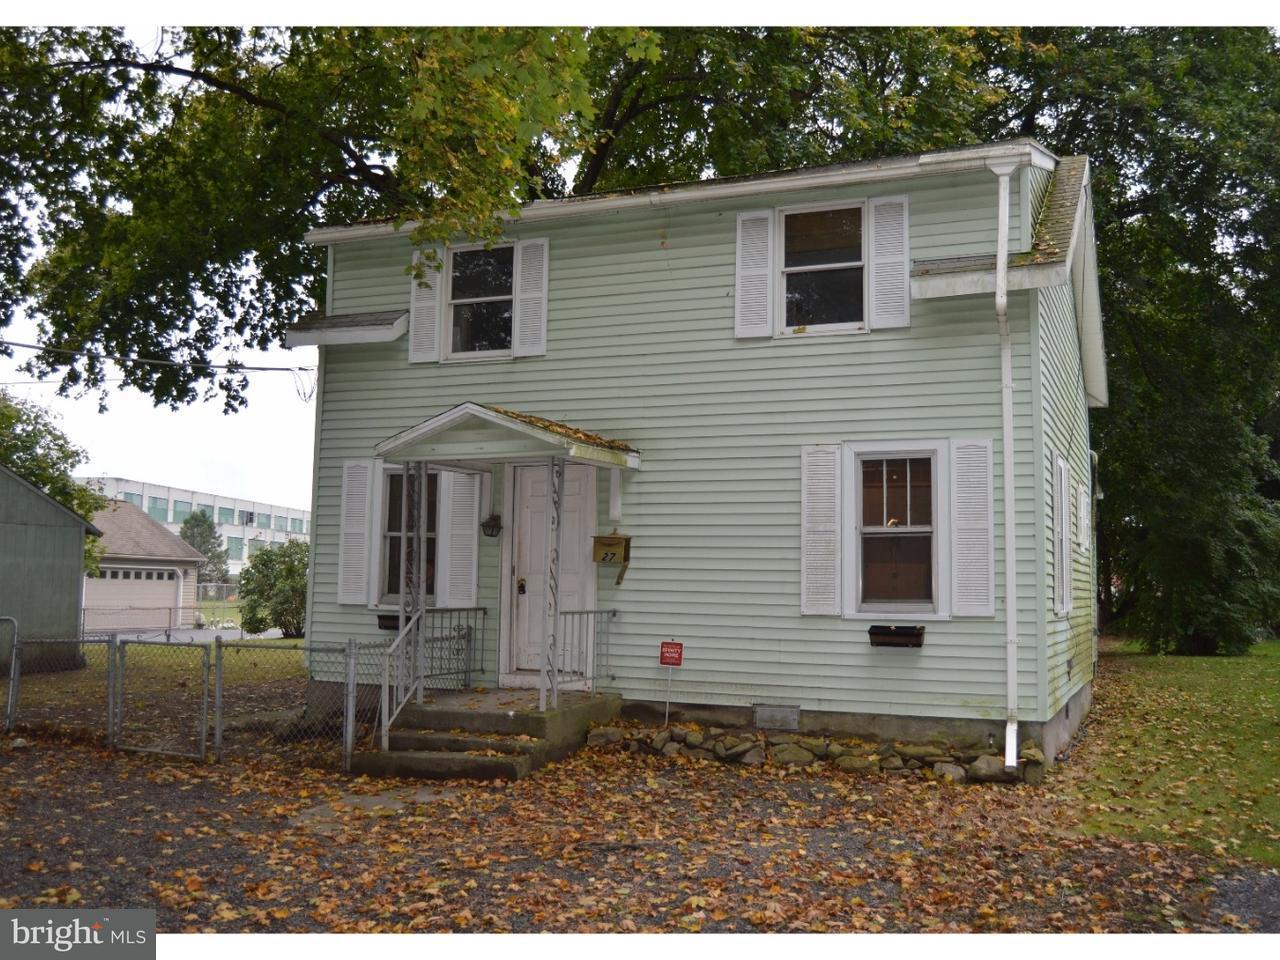 Частный односемейный дом для того Продажа на 27 COLUMBIA Avenue Cressona, Пенсильвания 17929 Соединенные Штаты